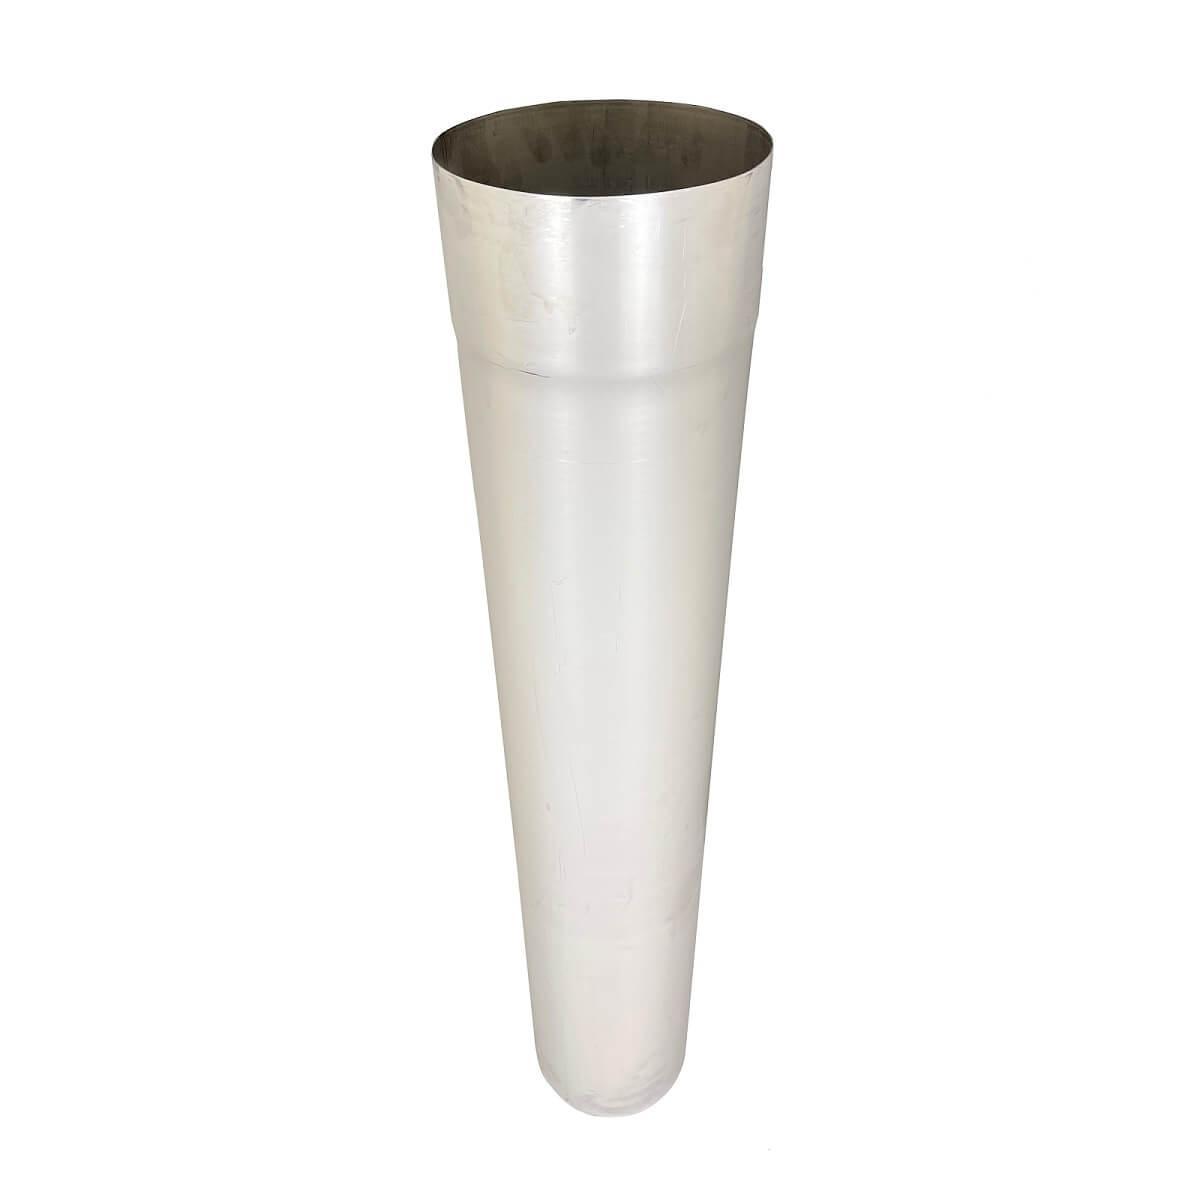 Труба для дымохода L-0,3 м D-250 мм толщина 0,8 мм